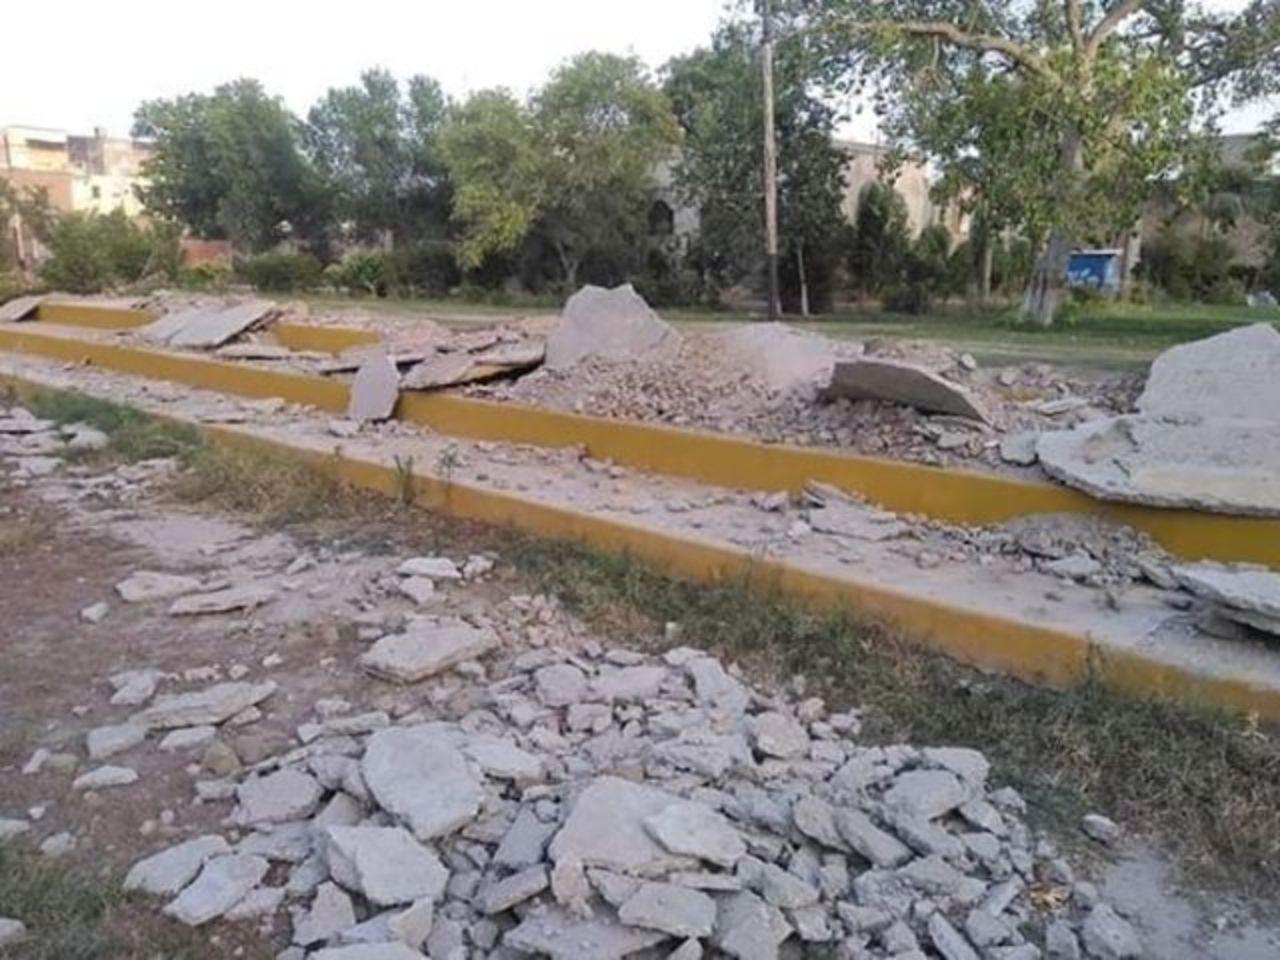 شہر کی واحد قدیمی تفریح گاہ کمپنی باغ تزئین و آرائش کے نام پر تباہ سابق کمشنر نسیم صادق کے تبدیل ہوتے ہی پارک کا کام روک دیا گیا